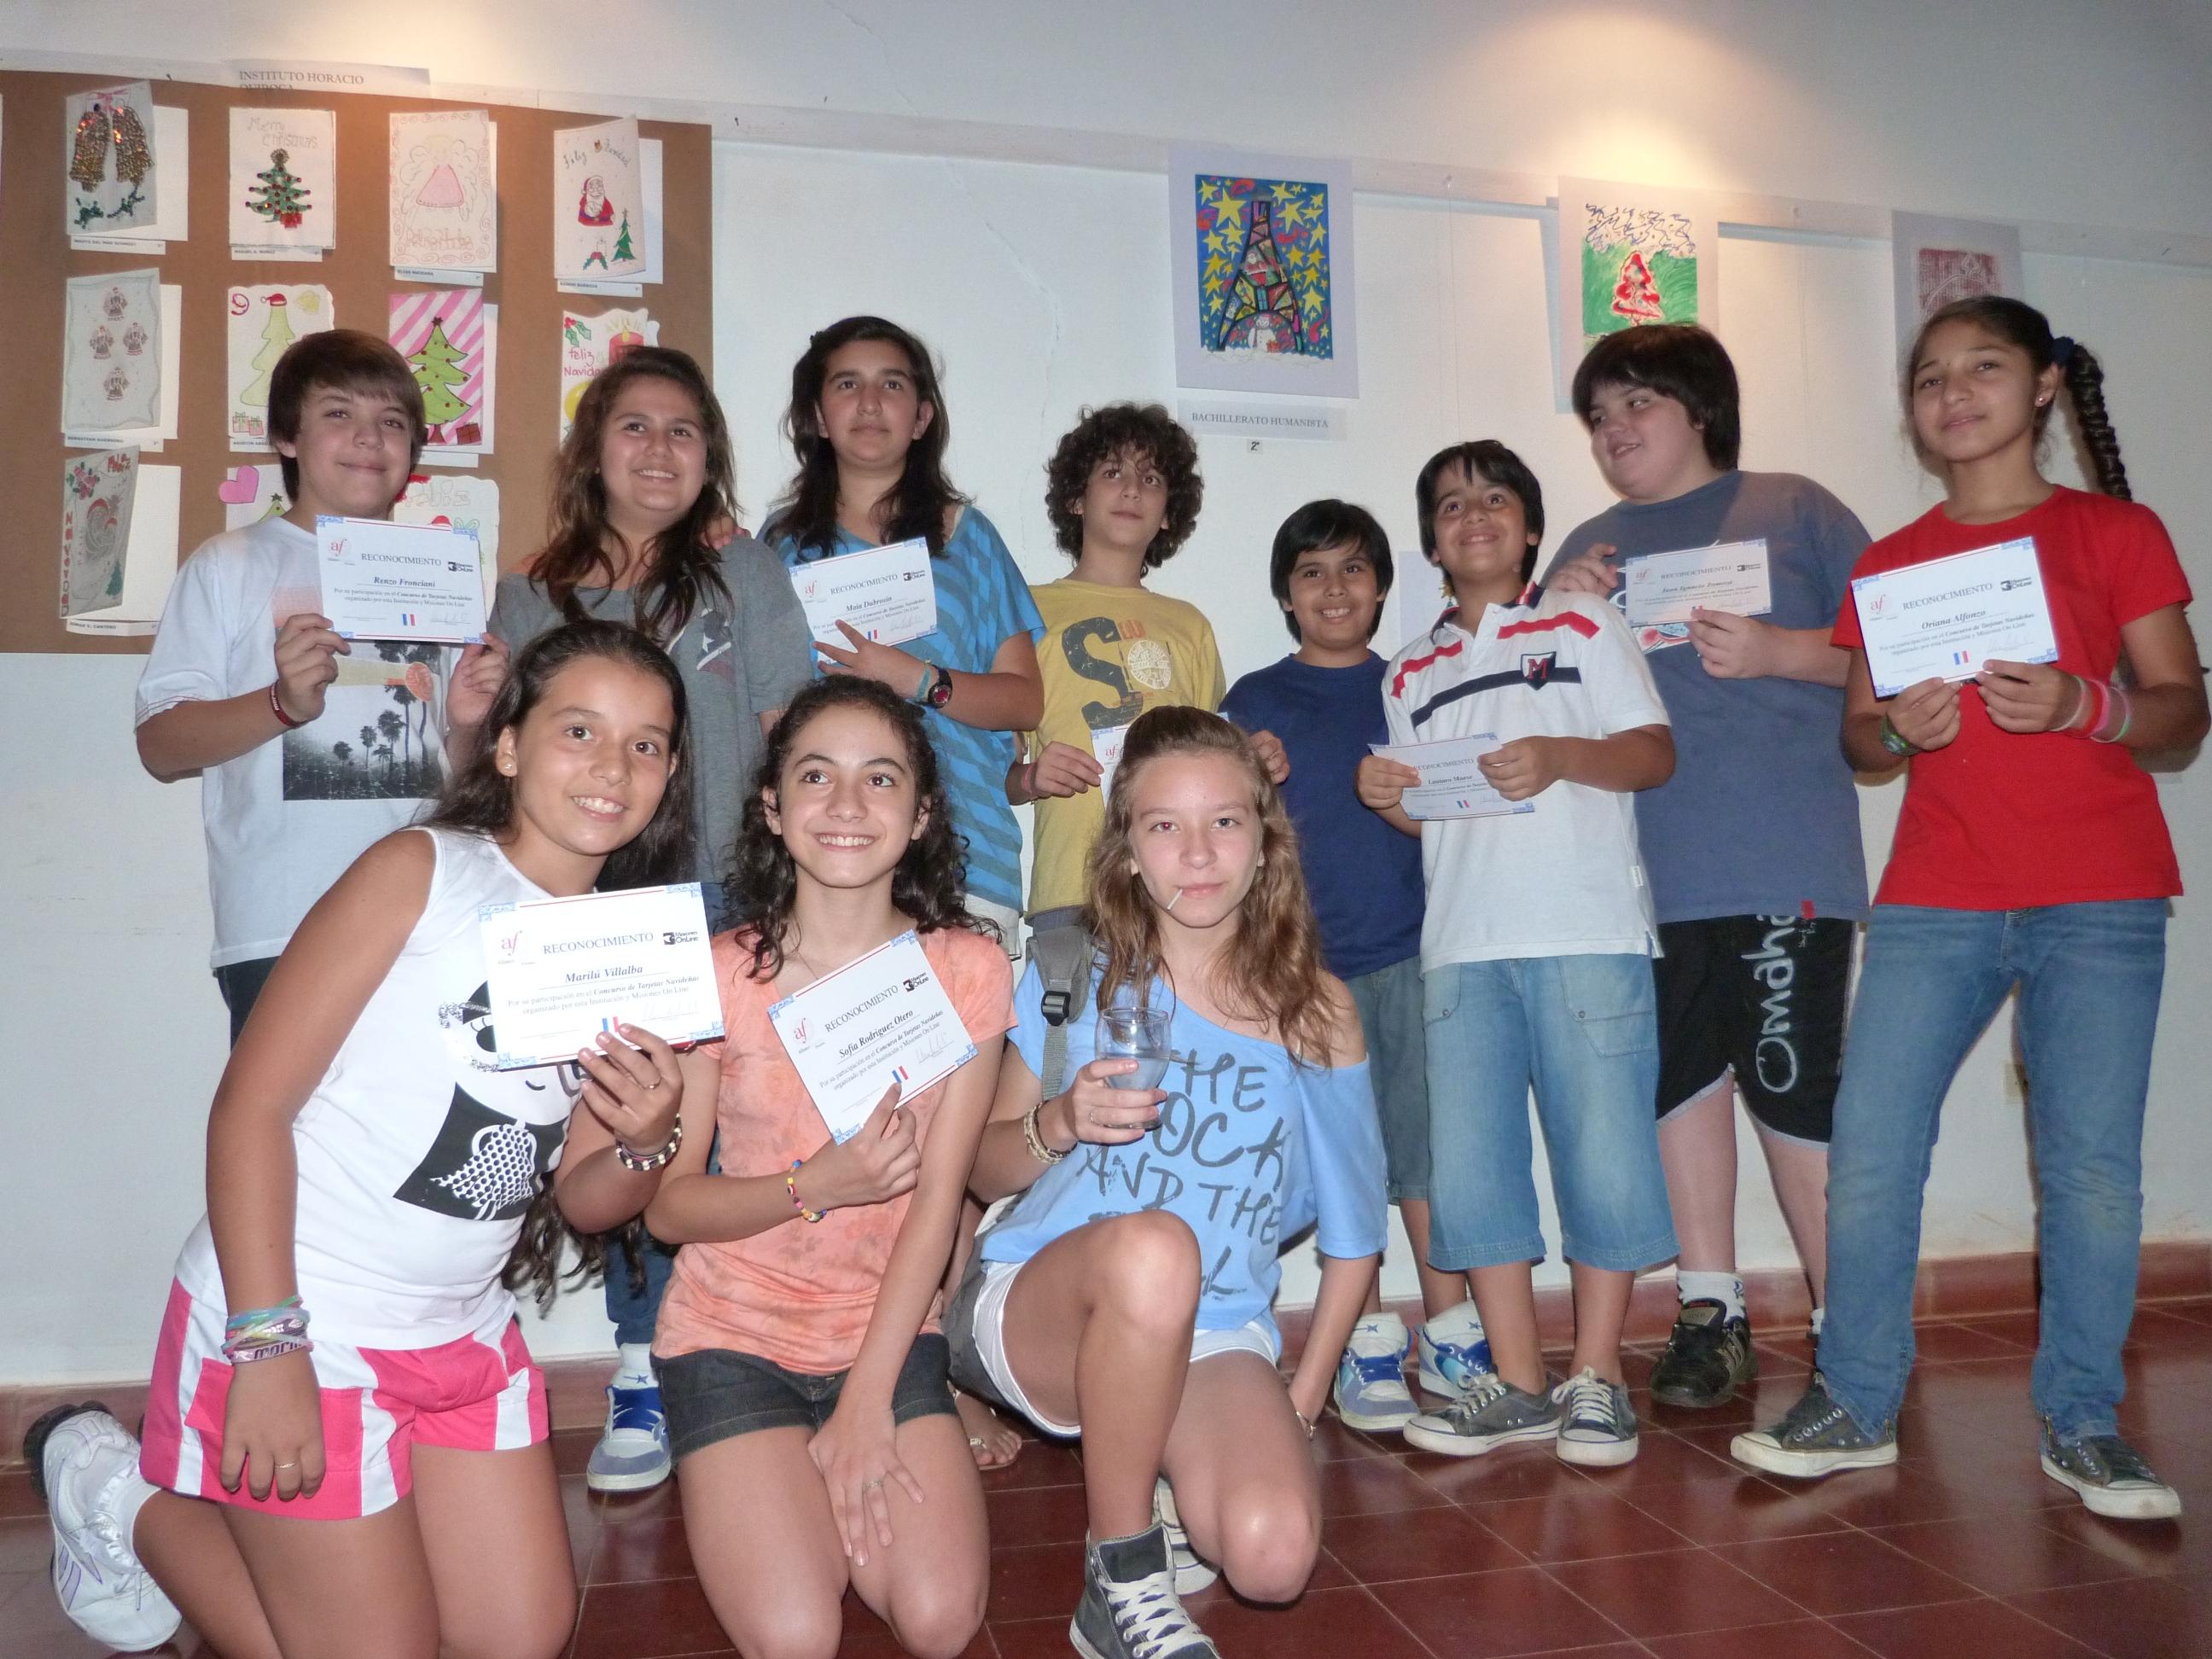 Los alumnos de distintos colegios de Posadas recibieron sus premios.